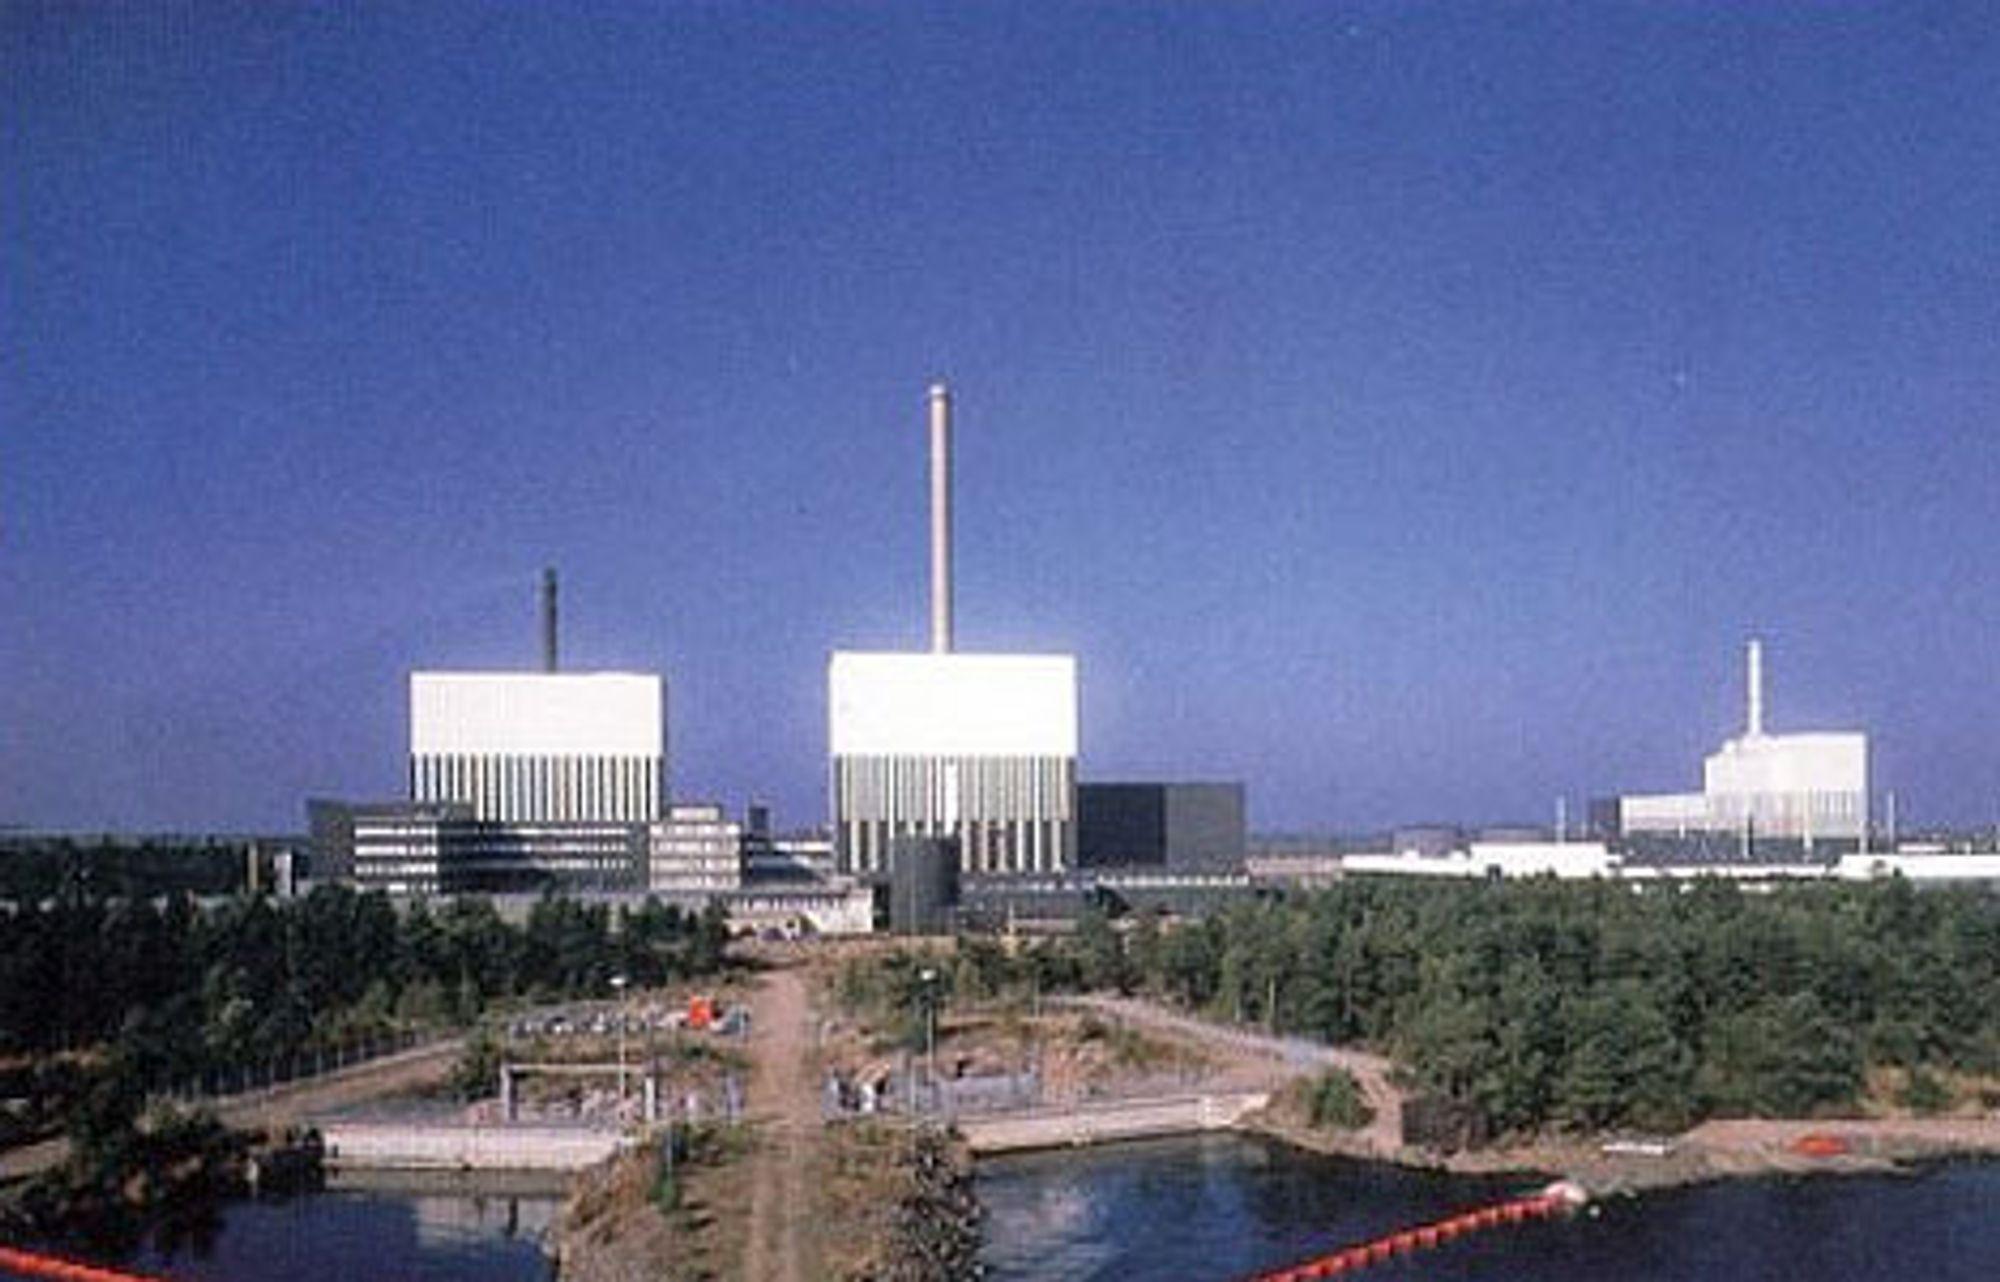 Svenskene stenger kjernekraften